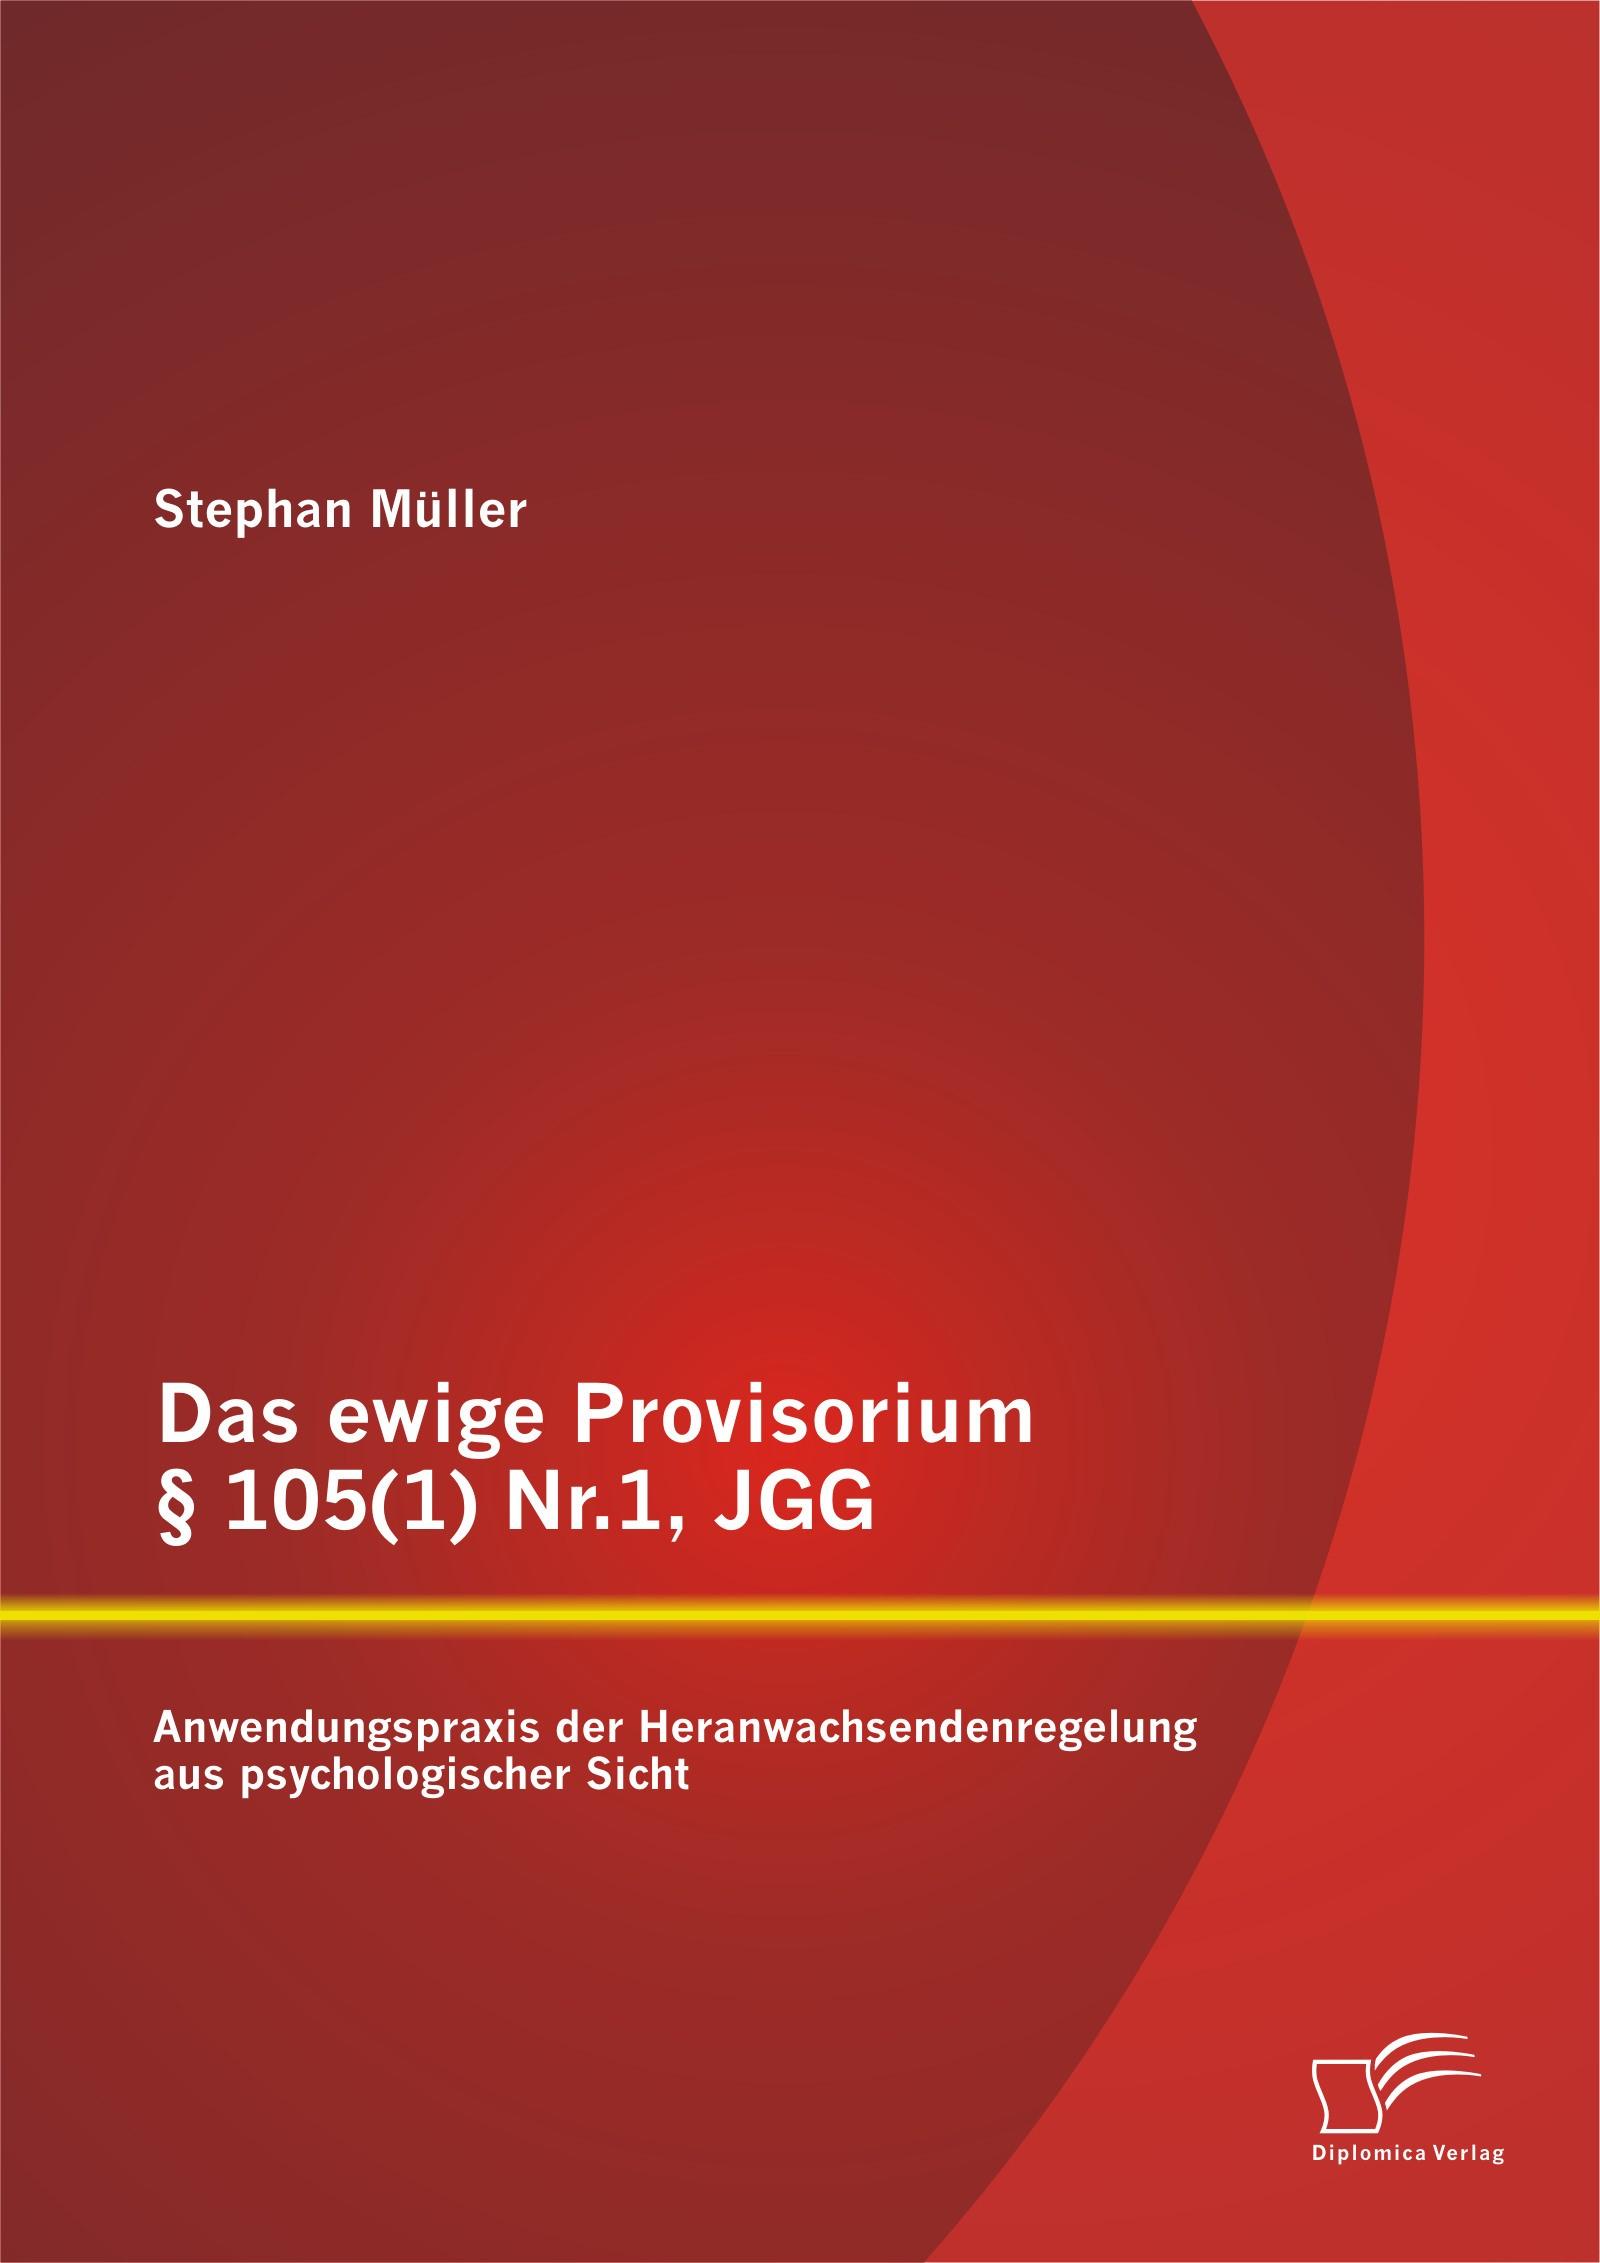 Das ewige Provisorium § 105(1) Nr.1, JGG: Anwendungspraxis der Heranwachsendenregelung aus psychologischer Sicht | Müller | Erstauflage, 2015 | Buch (Cover)